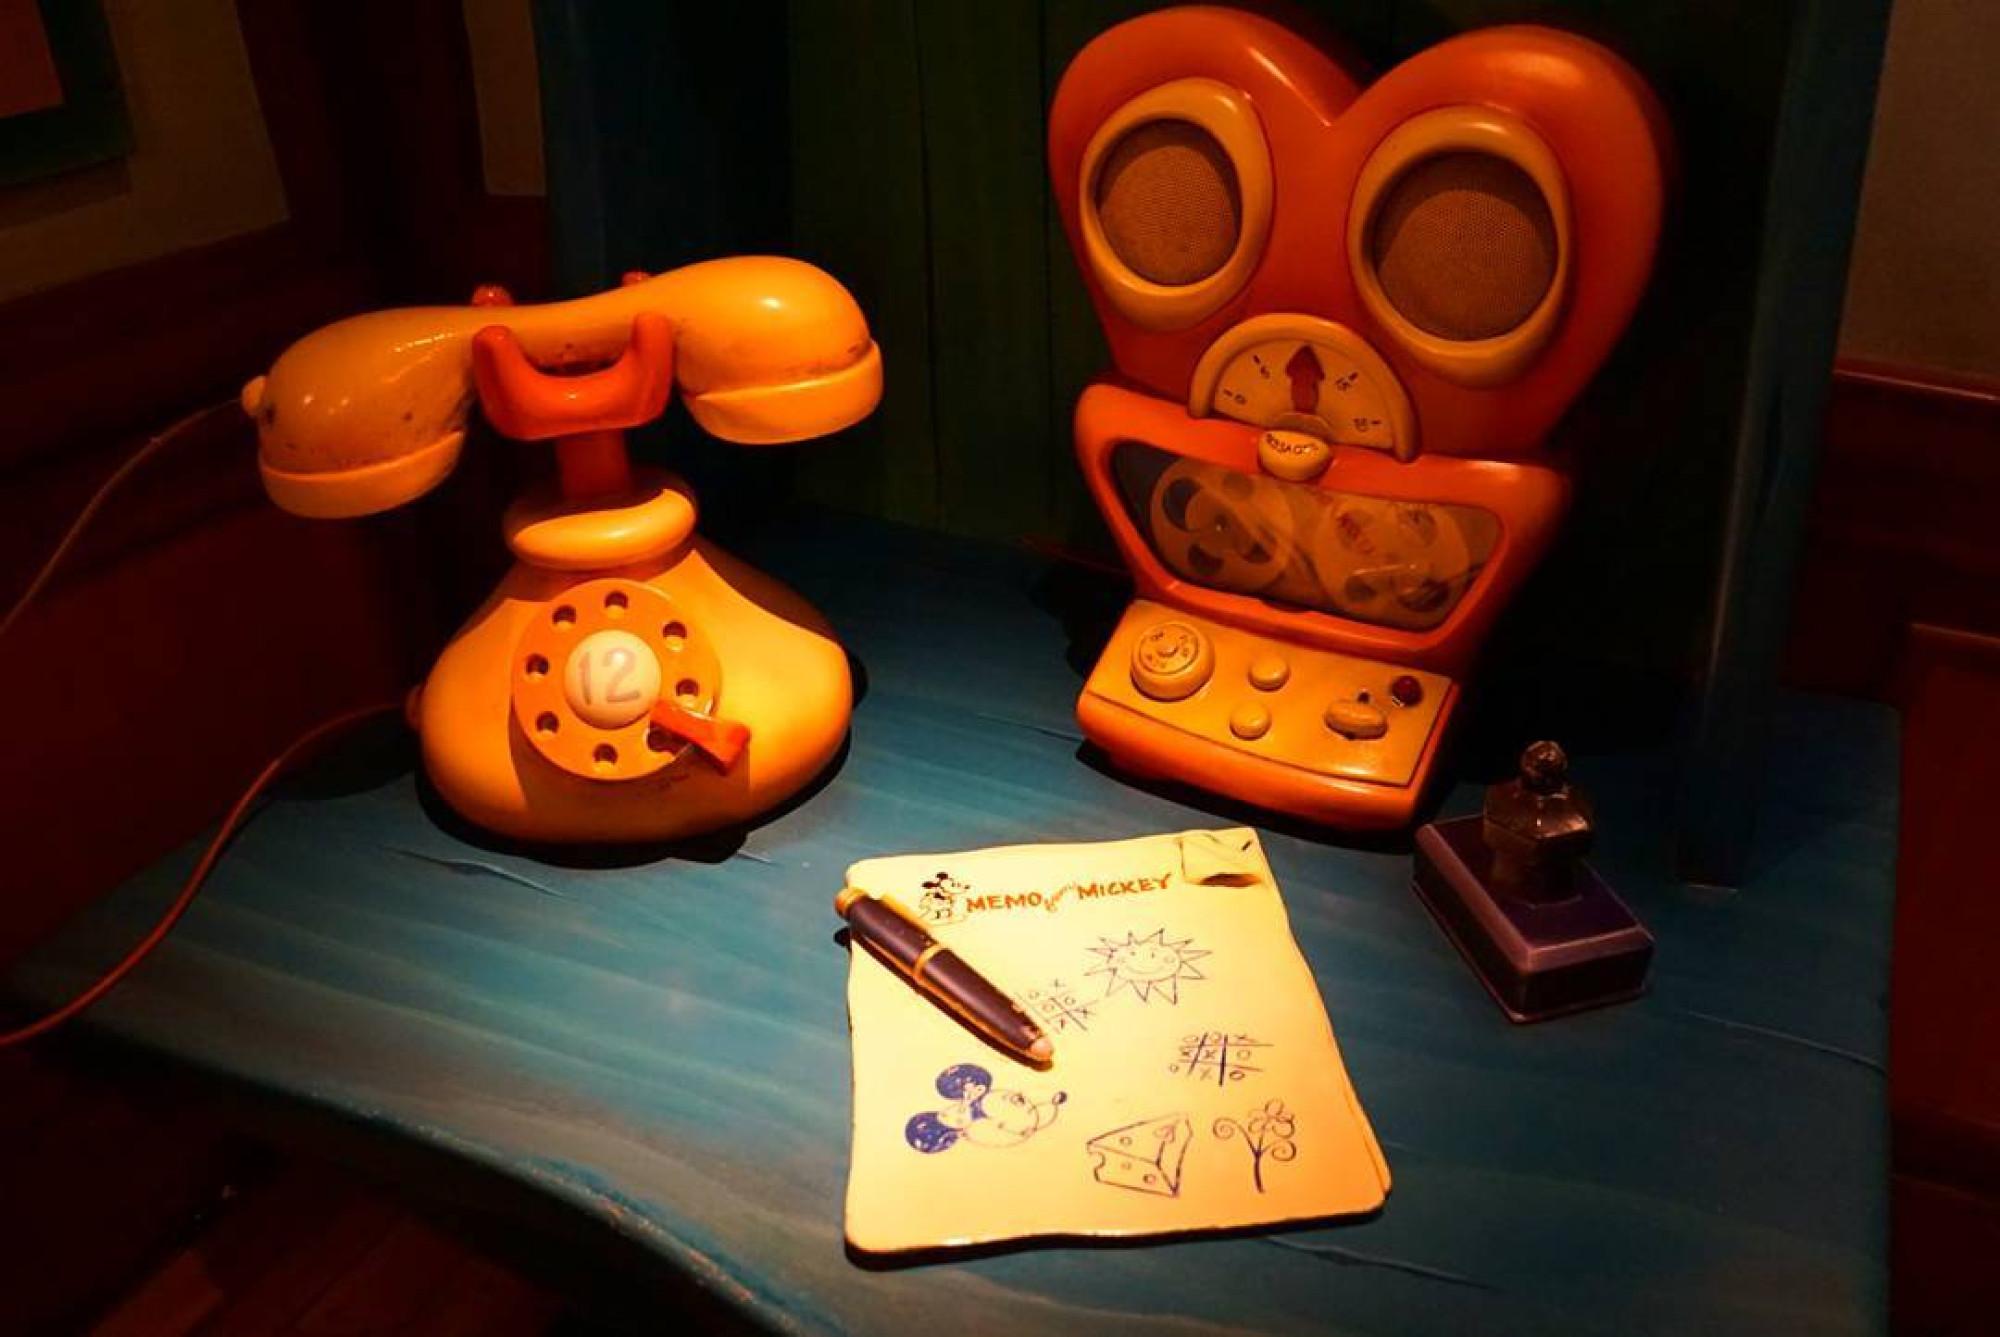 ミッキー家のデスク上にある電話